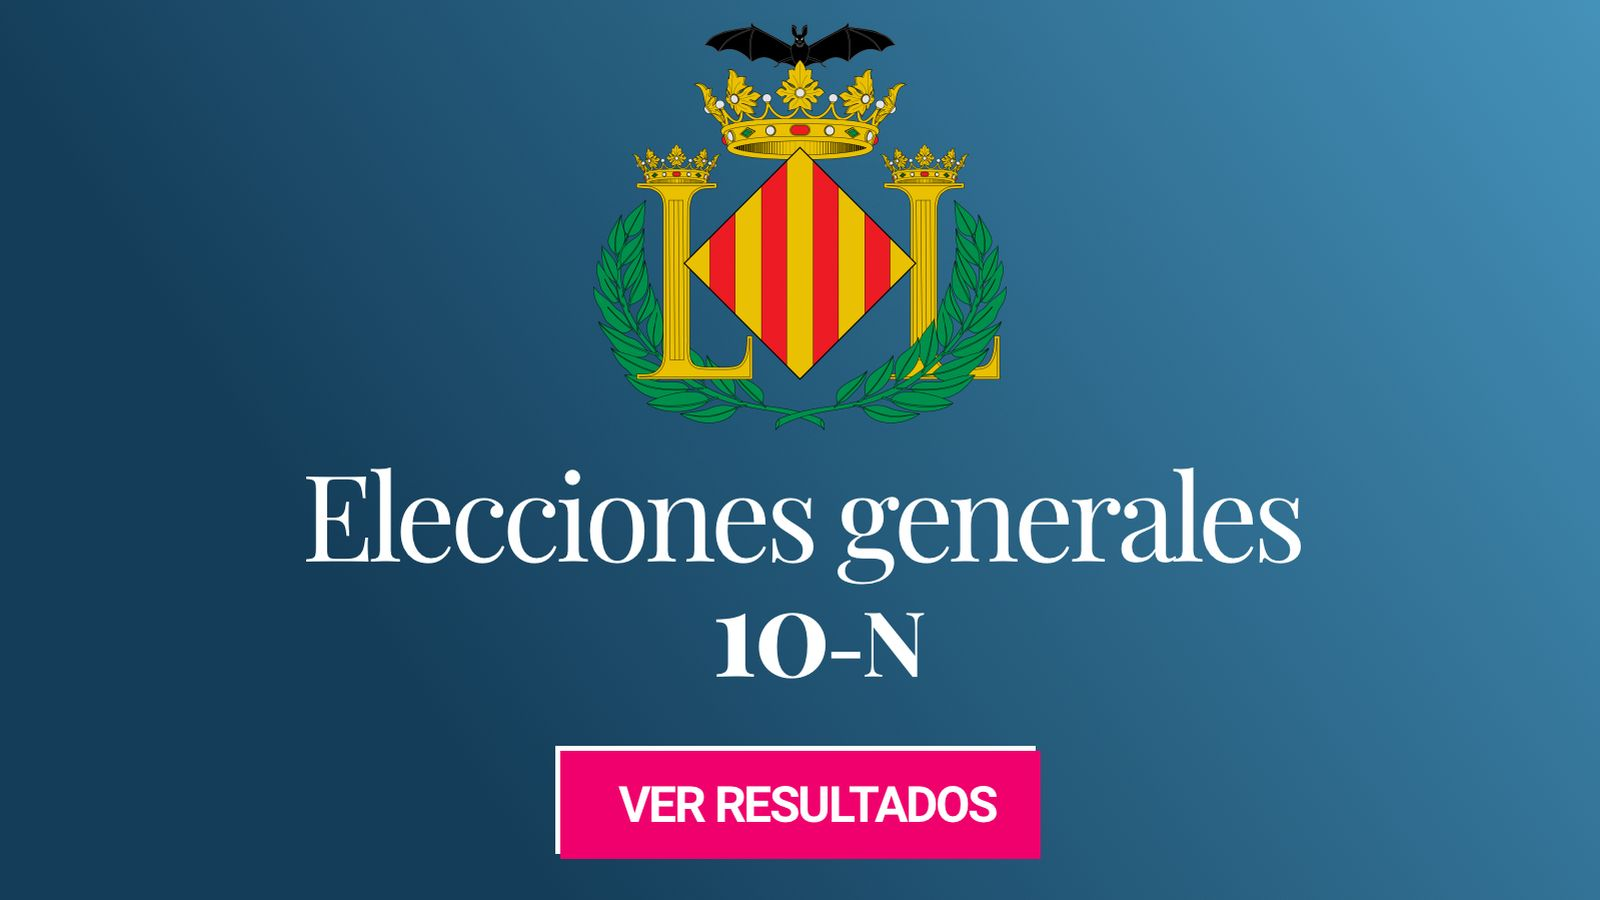 Foto: Elecciones generales 2019 en la provincia de Valencia. (C.C./HansenBCN)